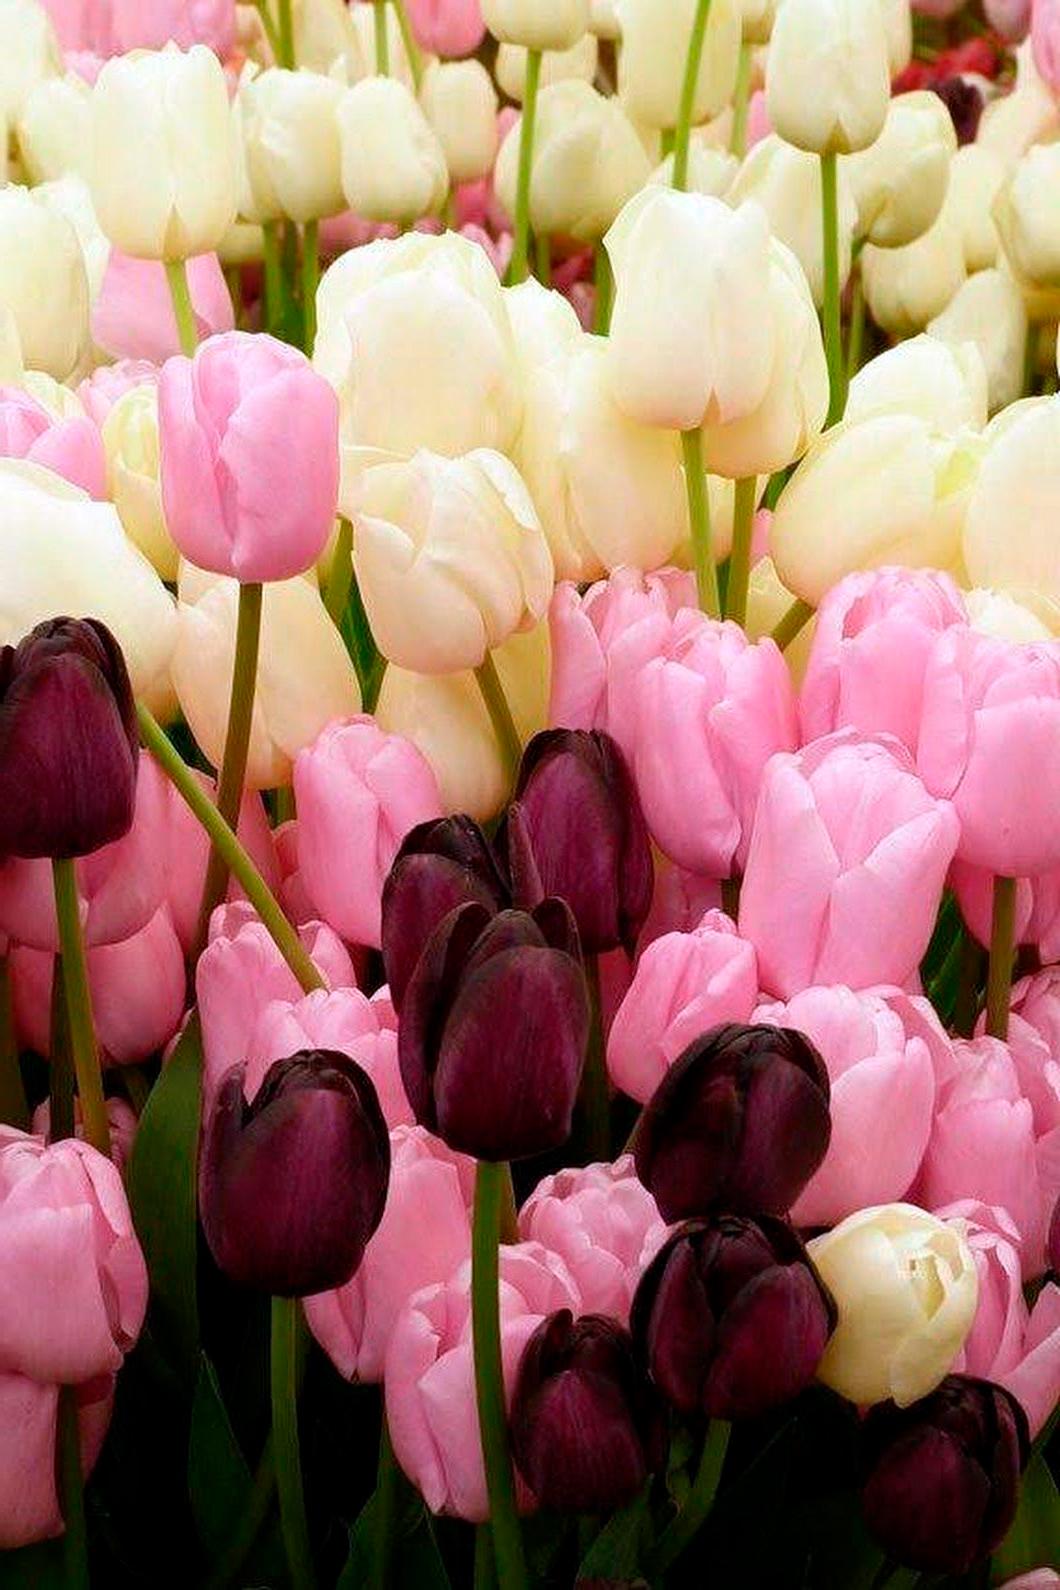 tulip-photo-163